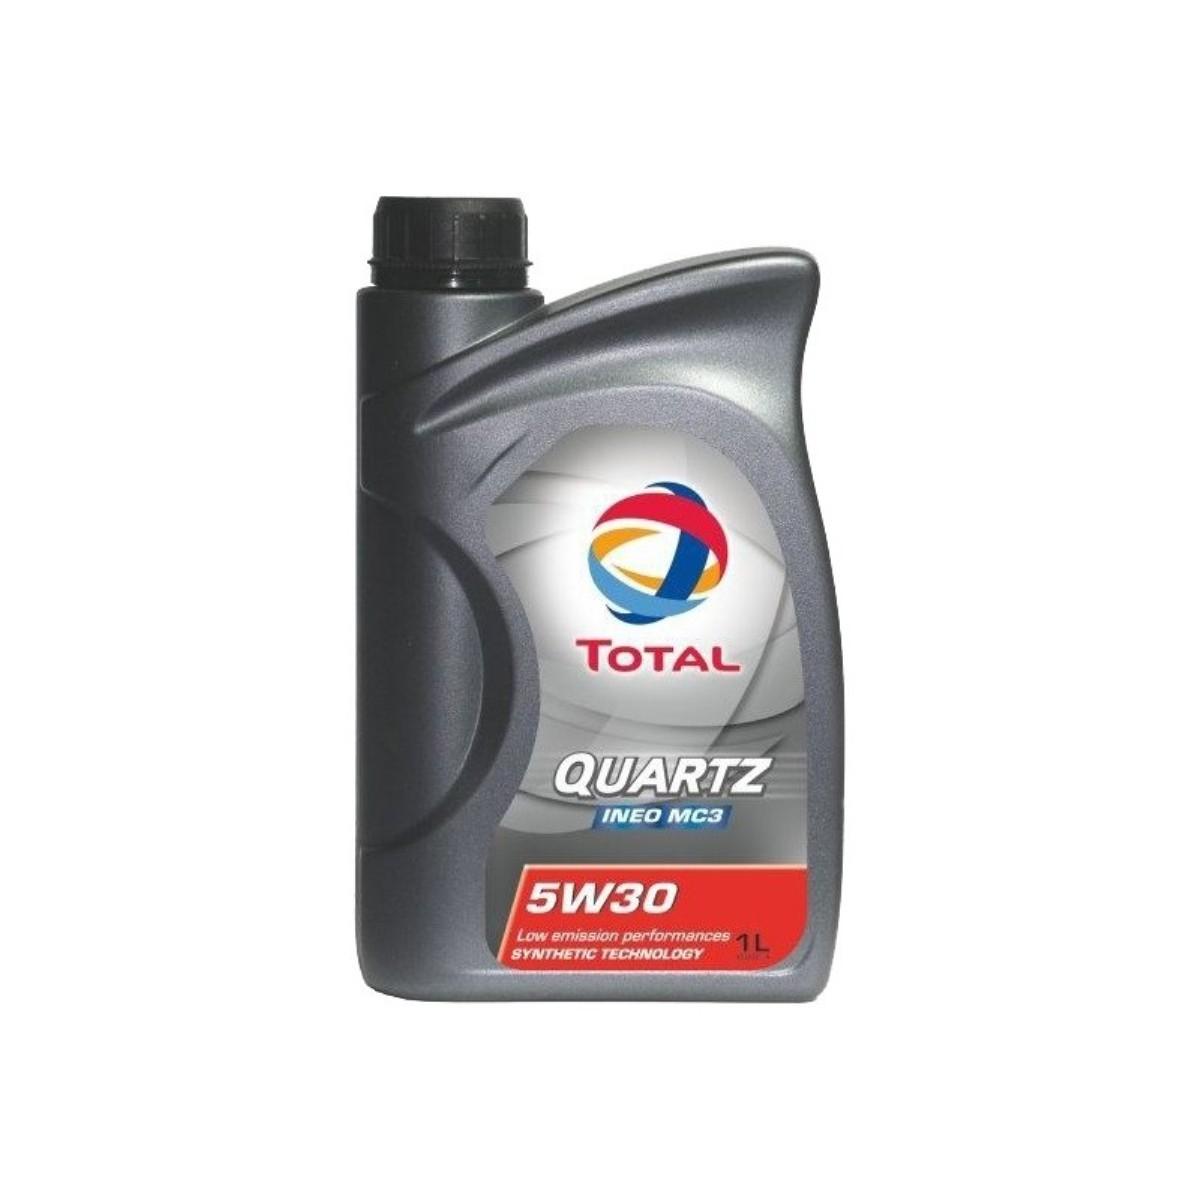 Моторное масло Total Quartz Ineo ECS 5w-30, 1 лCA-3505TOTAL Quartz Ineo ECS SAE 5W-30 необходимо для правильного функционирования дизельного сажевого фильтра, также как и других систем последующей обработки выхлопных газов. Может применяться при наиболее сложных режимах эксплуатации и в самых трудных условиях (автомагистрали, интенсивное городское движение). Имеет пониженную сульфатную зольность и низкое содержание фосфора и серы. Удовлетворяет техническим требованиям TOYOTA.Специально разработано для двигателей PEUGEOT и CITROEN . Спецификация ACEA C2;A5;B5; PSA B71 2290